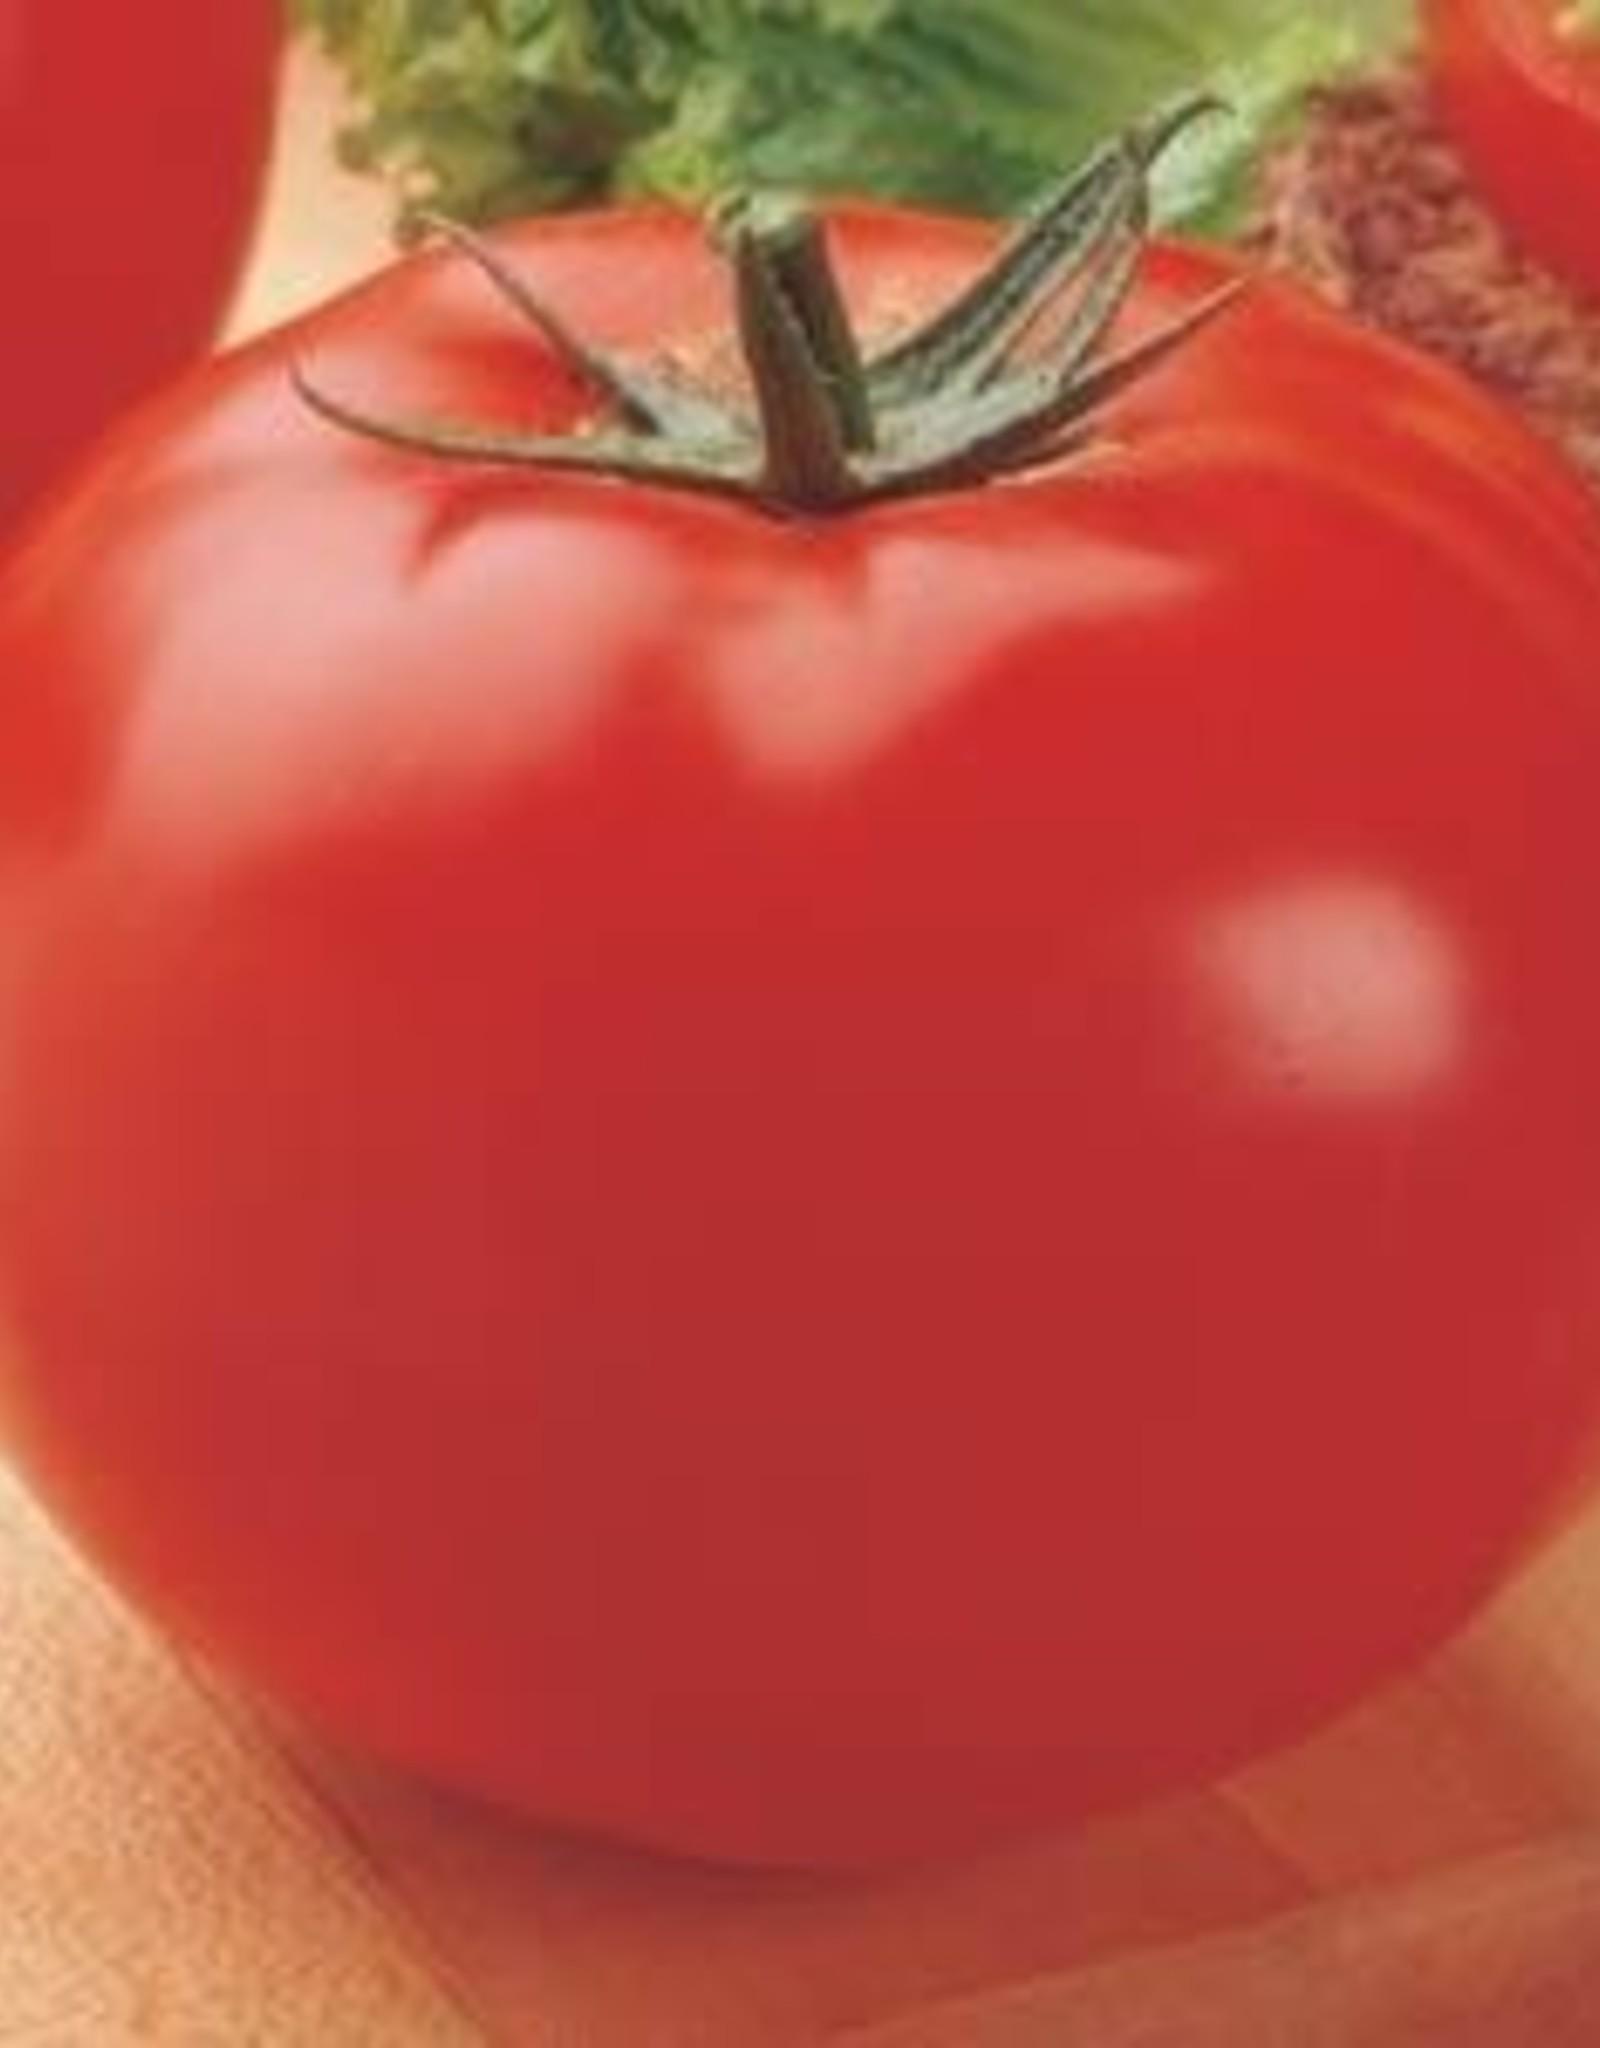 Squak Mtn Tomato Grafted 'Big Beef' 2 Gallon